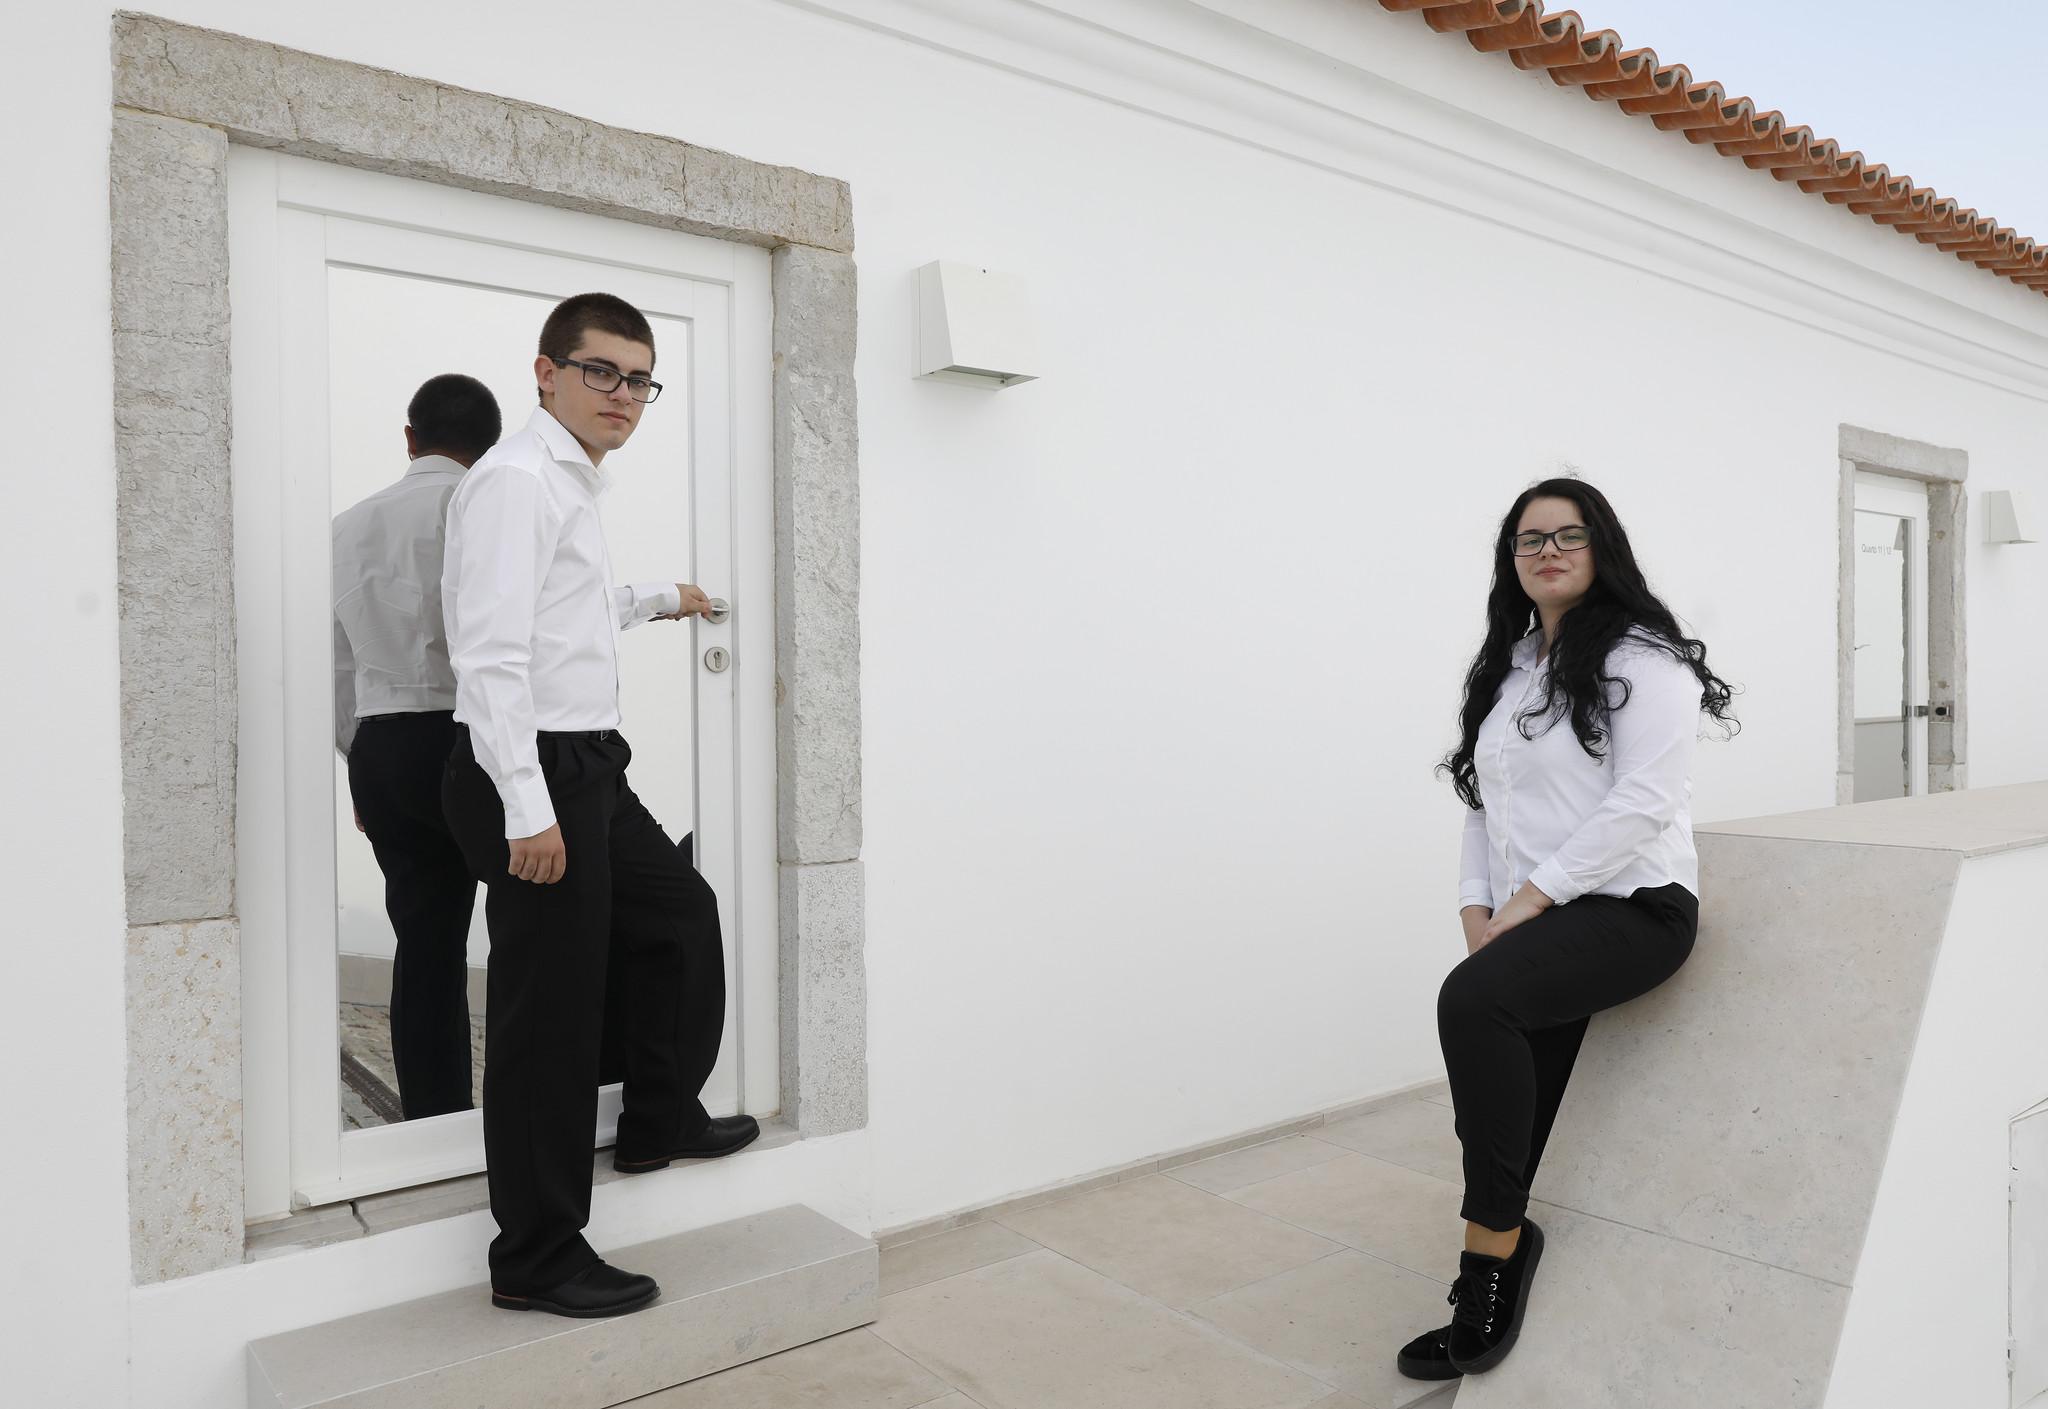 André Vanessa Escola Hotelaria Setúbal